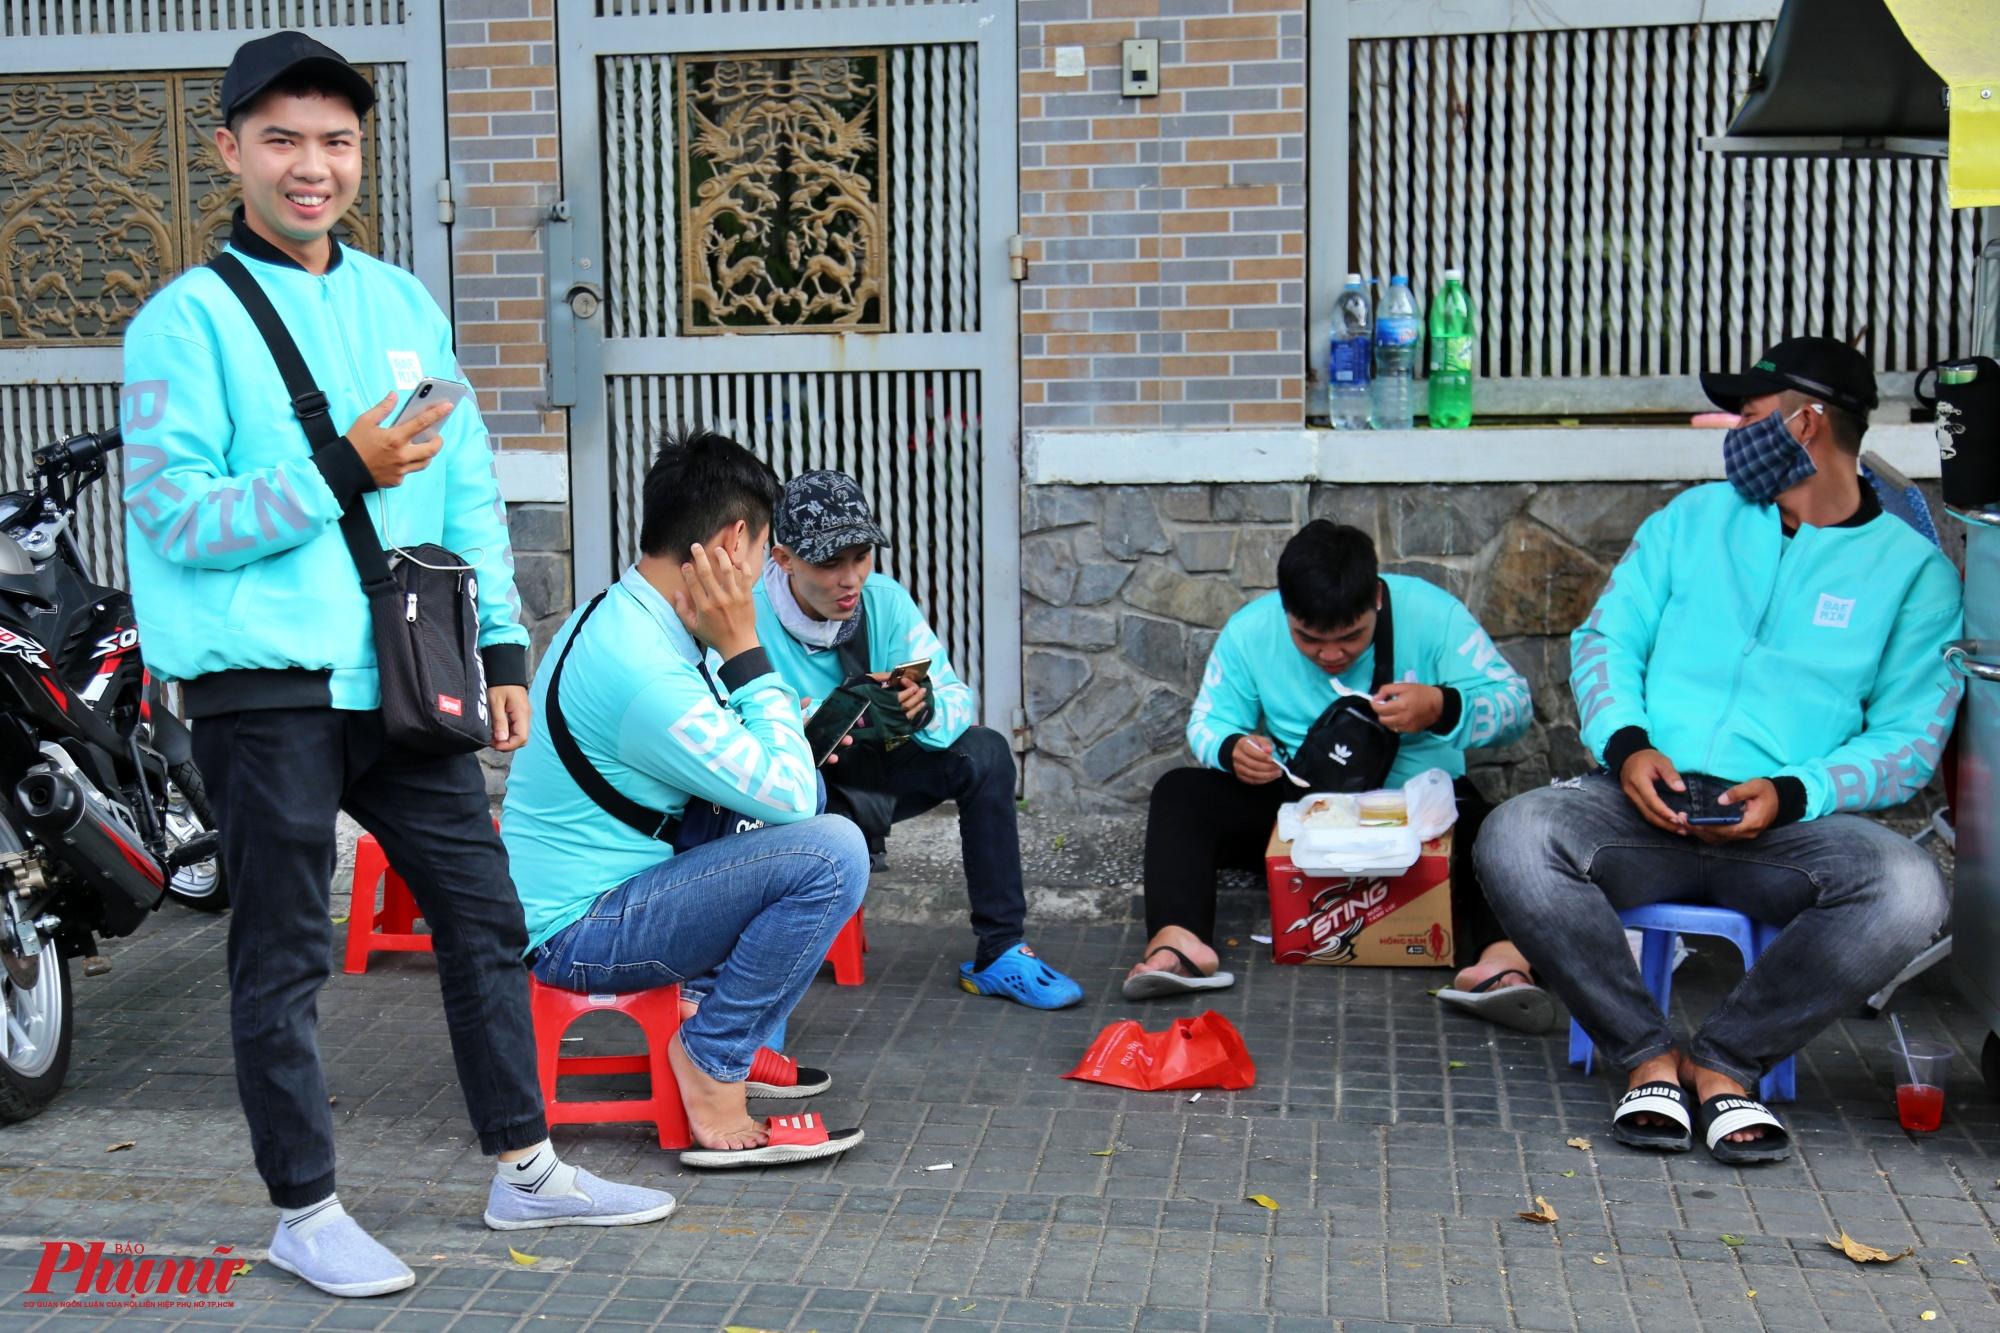 Một nhóm nhân viên giao hàng Baemin tranh thủ ngồi nghỉ trưa trước nhận các đơn hàng của khách ship vào chiều một, một số anh em chia sẻ đa số khách thường đặt thức ăn vào buổi trưa và buổi tối là nhiều nhất